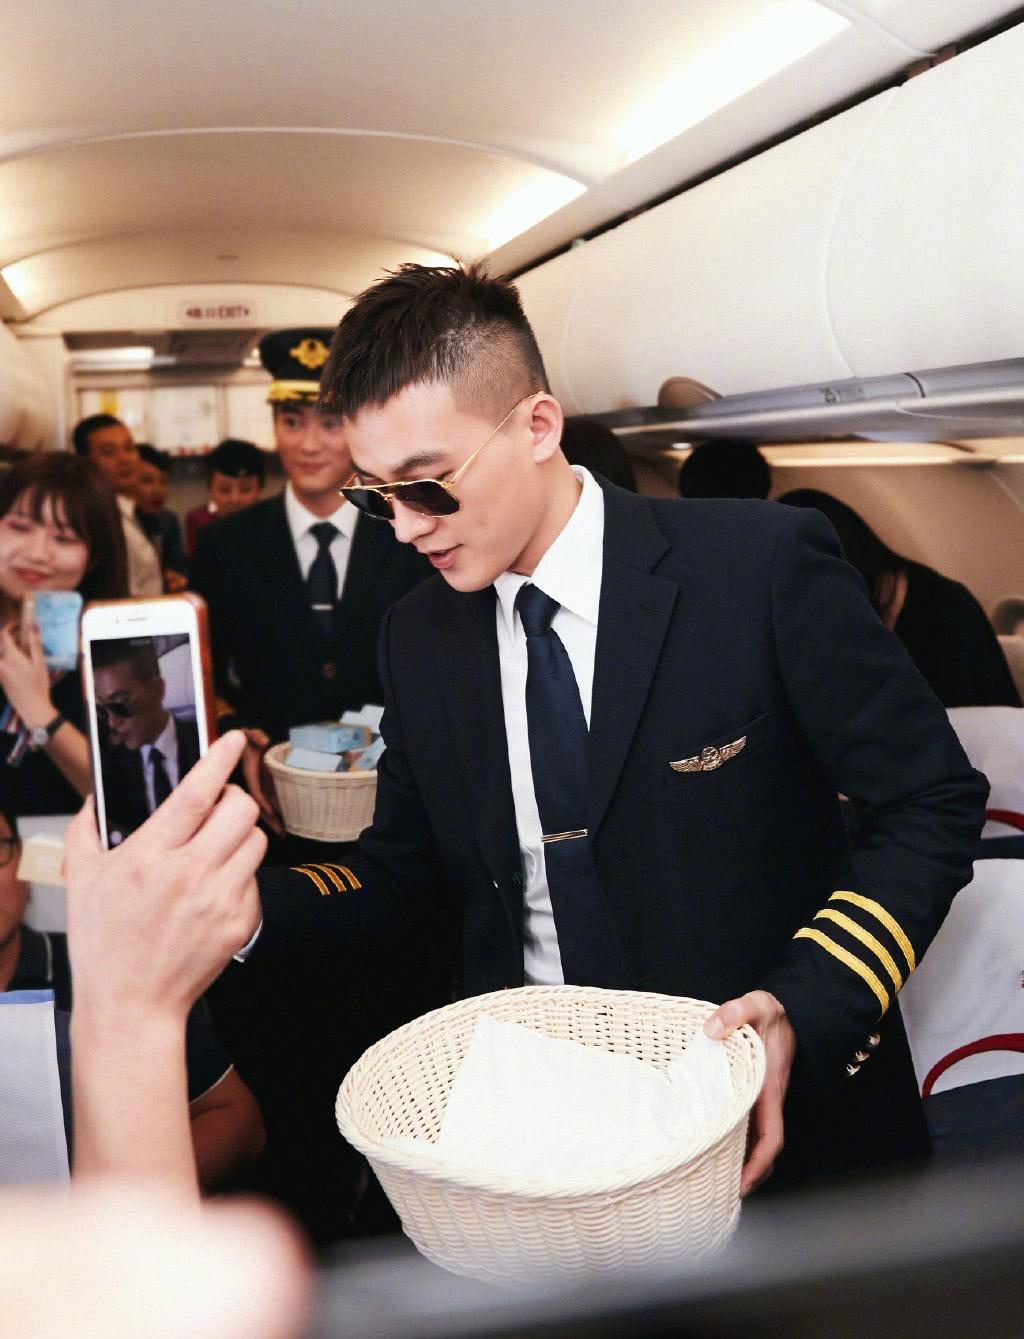 欧豪《中国机长》演技被赞,出场引起大家爆笑,怕是走错片场了